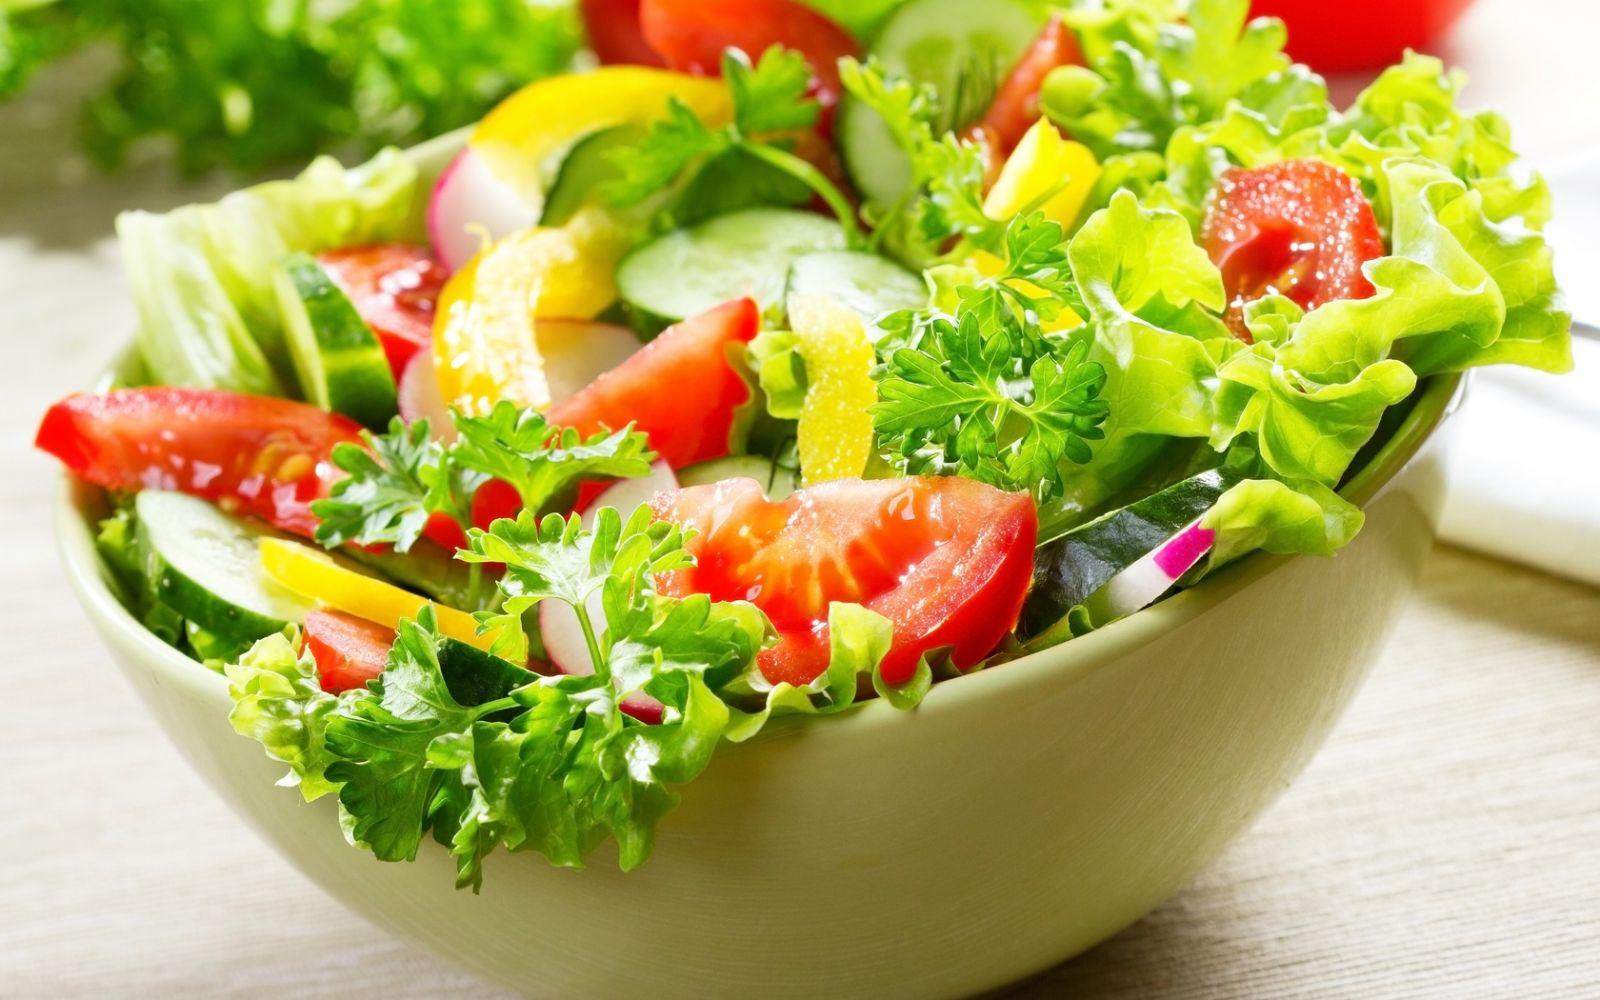 Các loại thức ăn khuya giúp chị em giảm cân hiệu quả 4